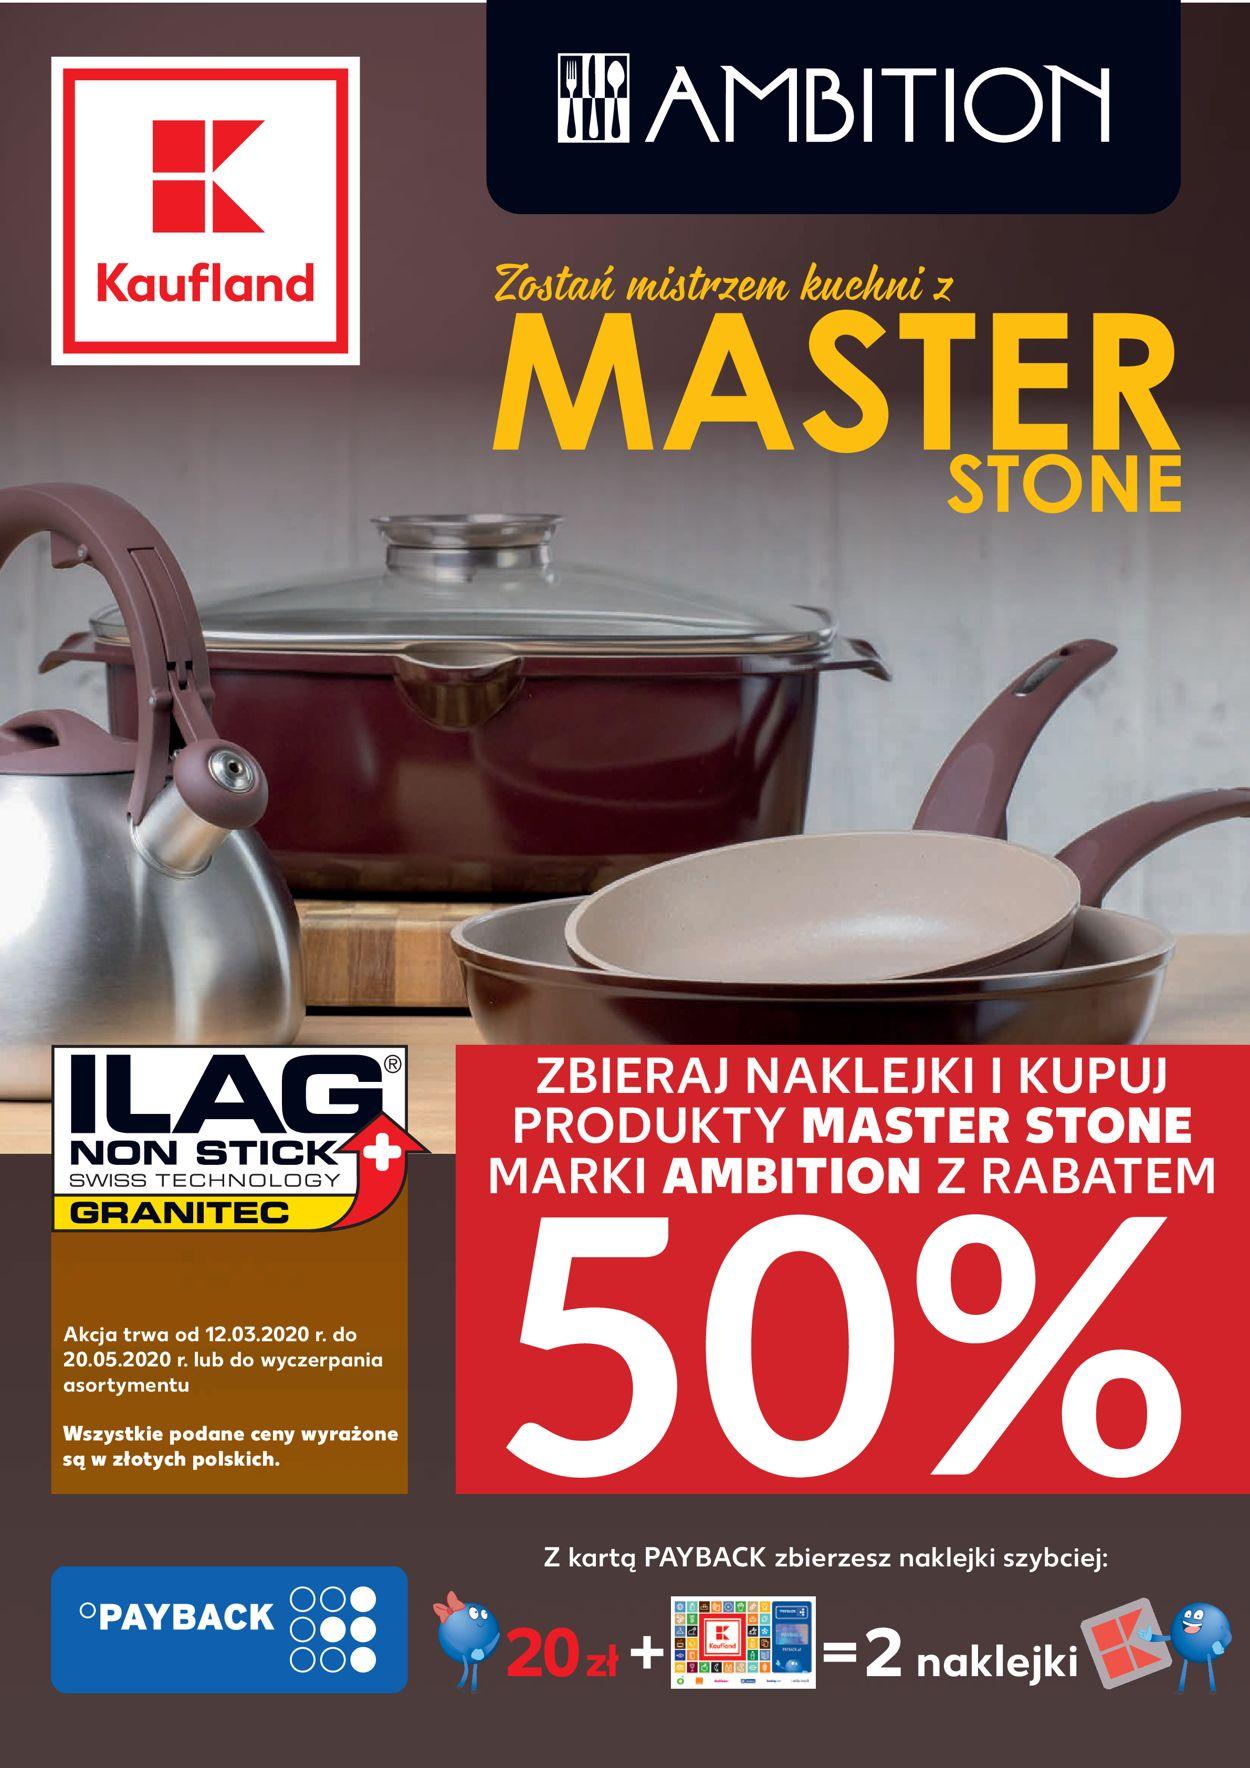 Gazetka promocyjna Kaufland - 12.03-20.05.2020